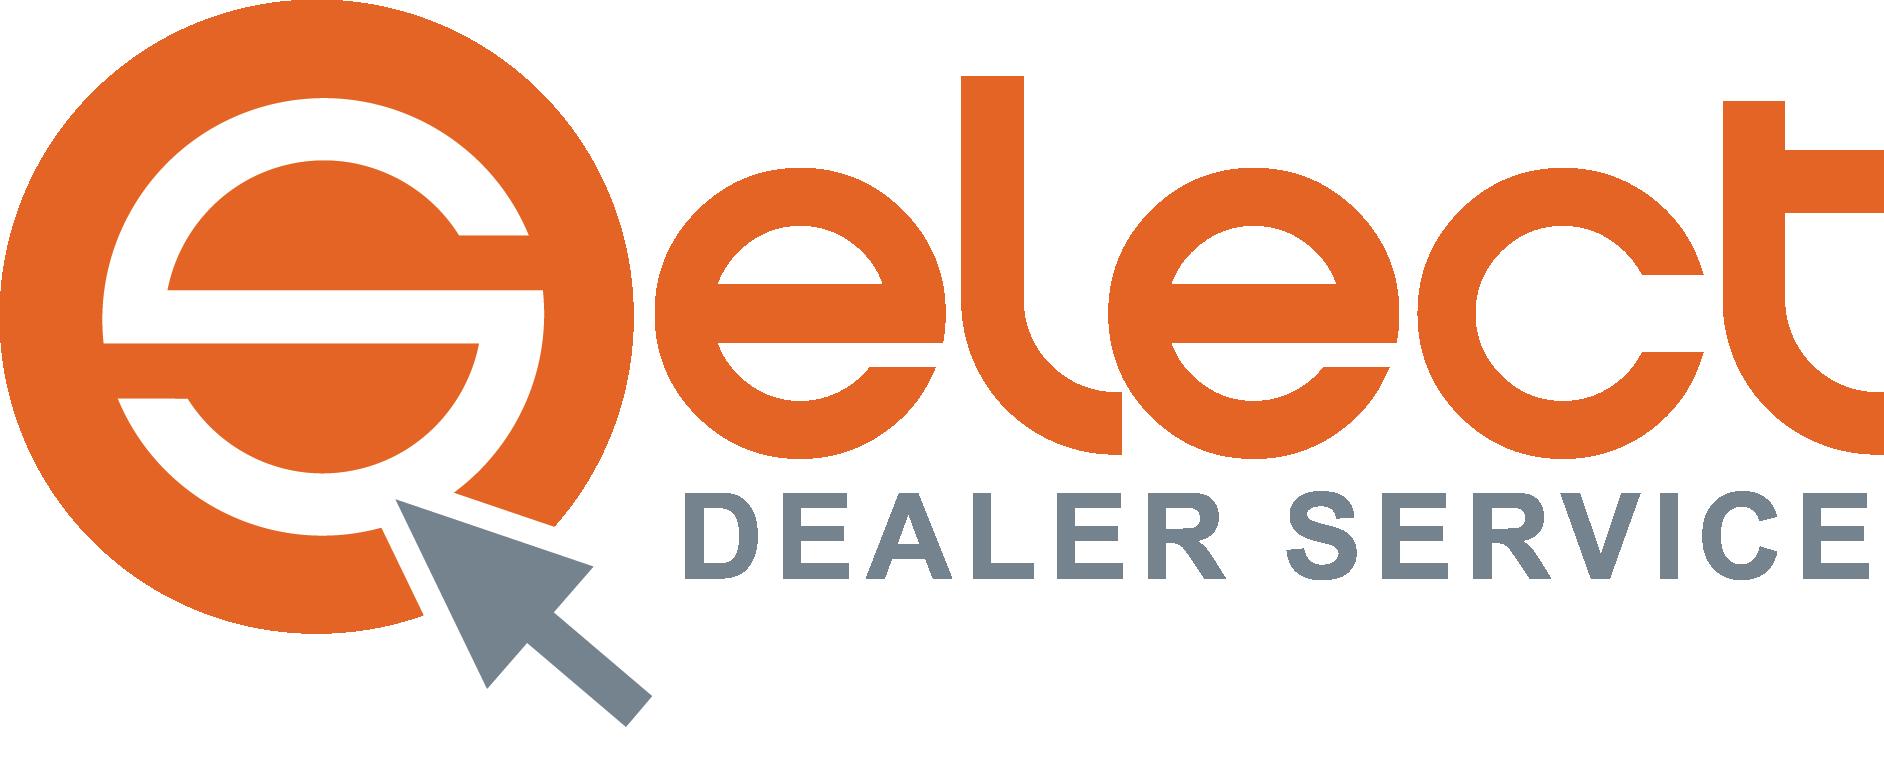 Select Dealer Service